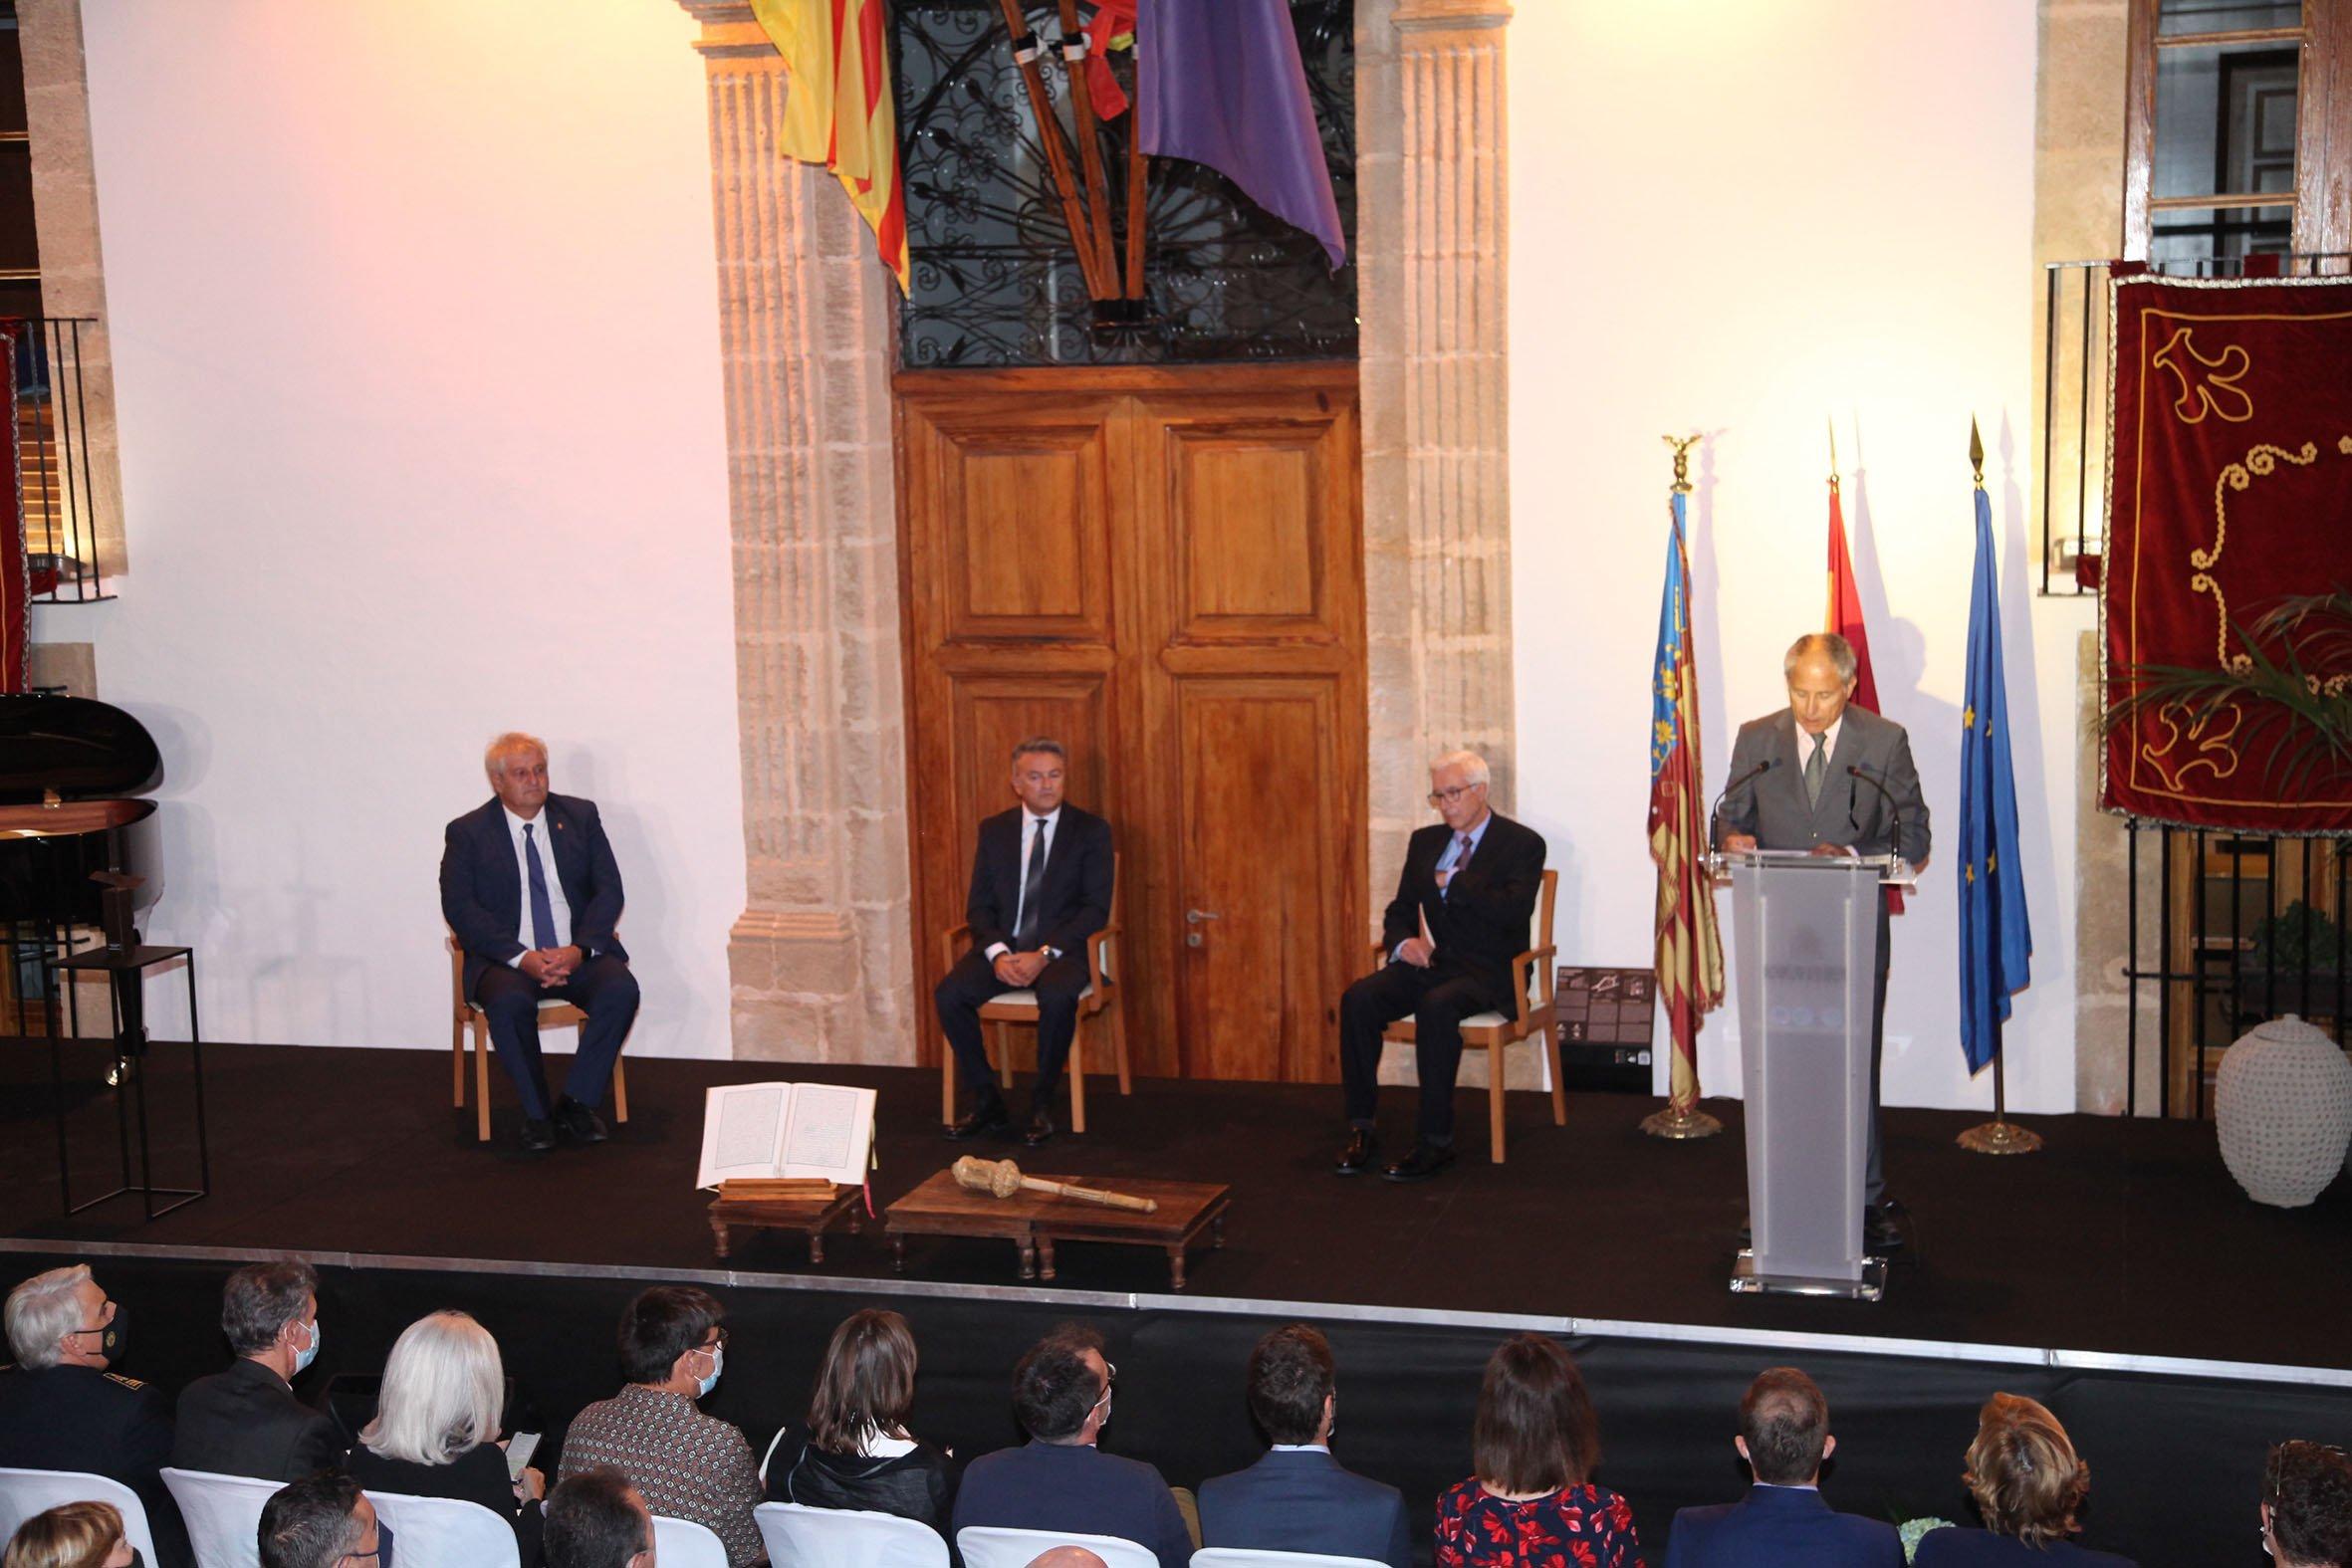 Acto institucional 9 d'octubre-Premi Vila de Xàbia a Fundación Museo Sorolla (13)